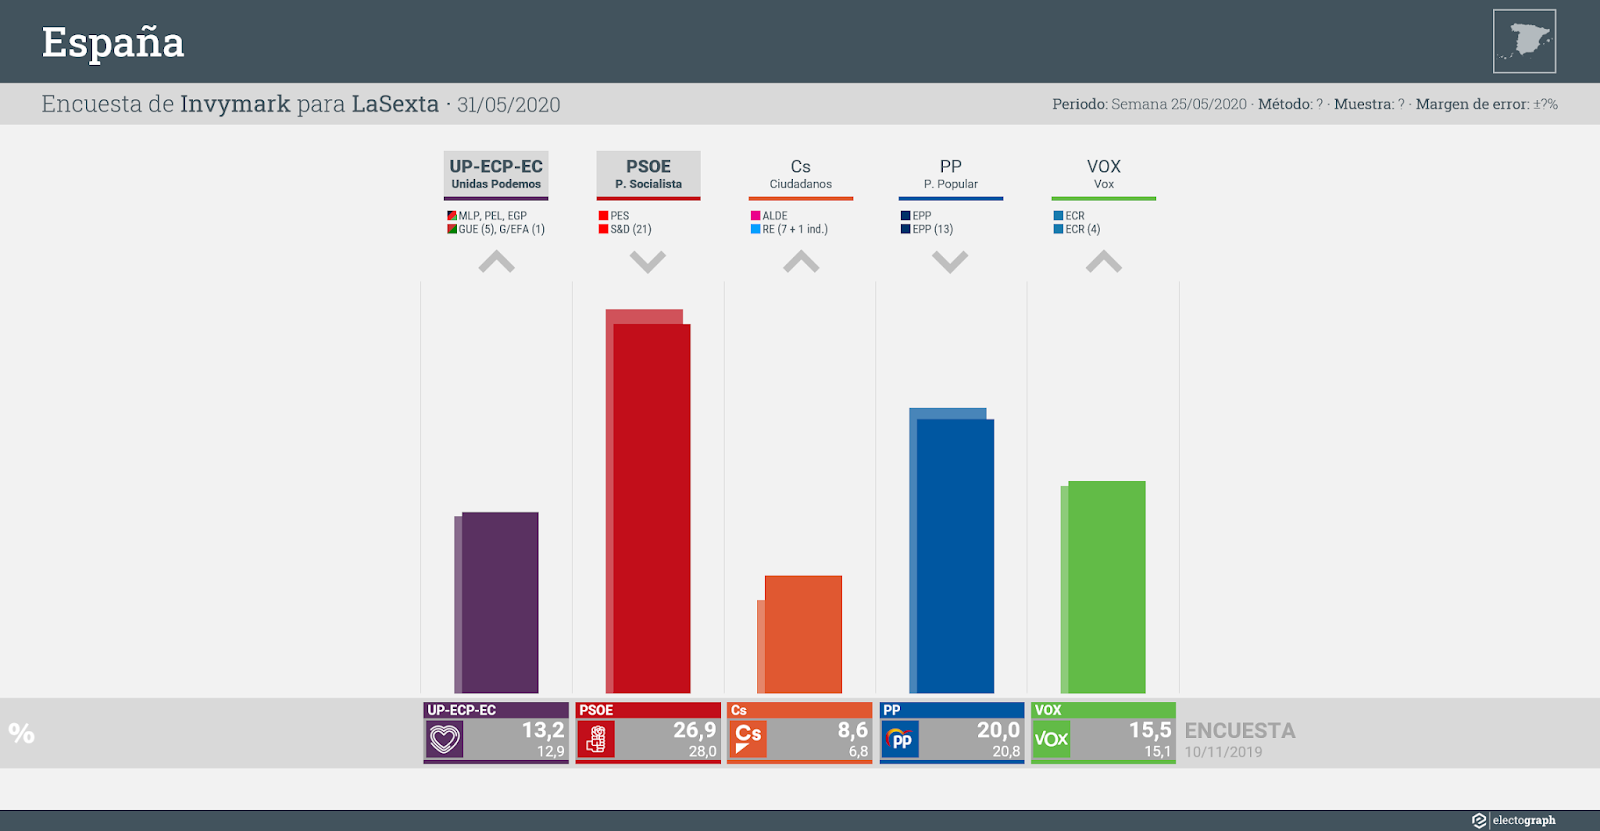 Gráfico de la encuesta para elecciones generales en España realizada por Invymark para LaSexta, 31 de mayo de 2020